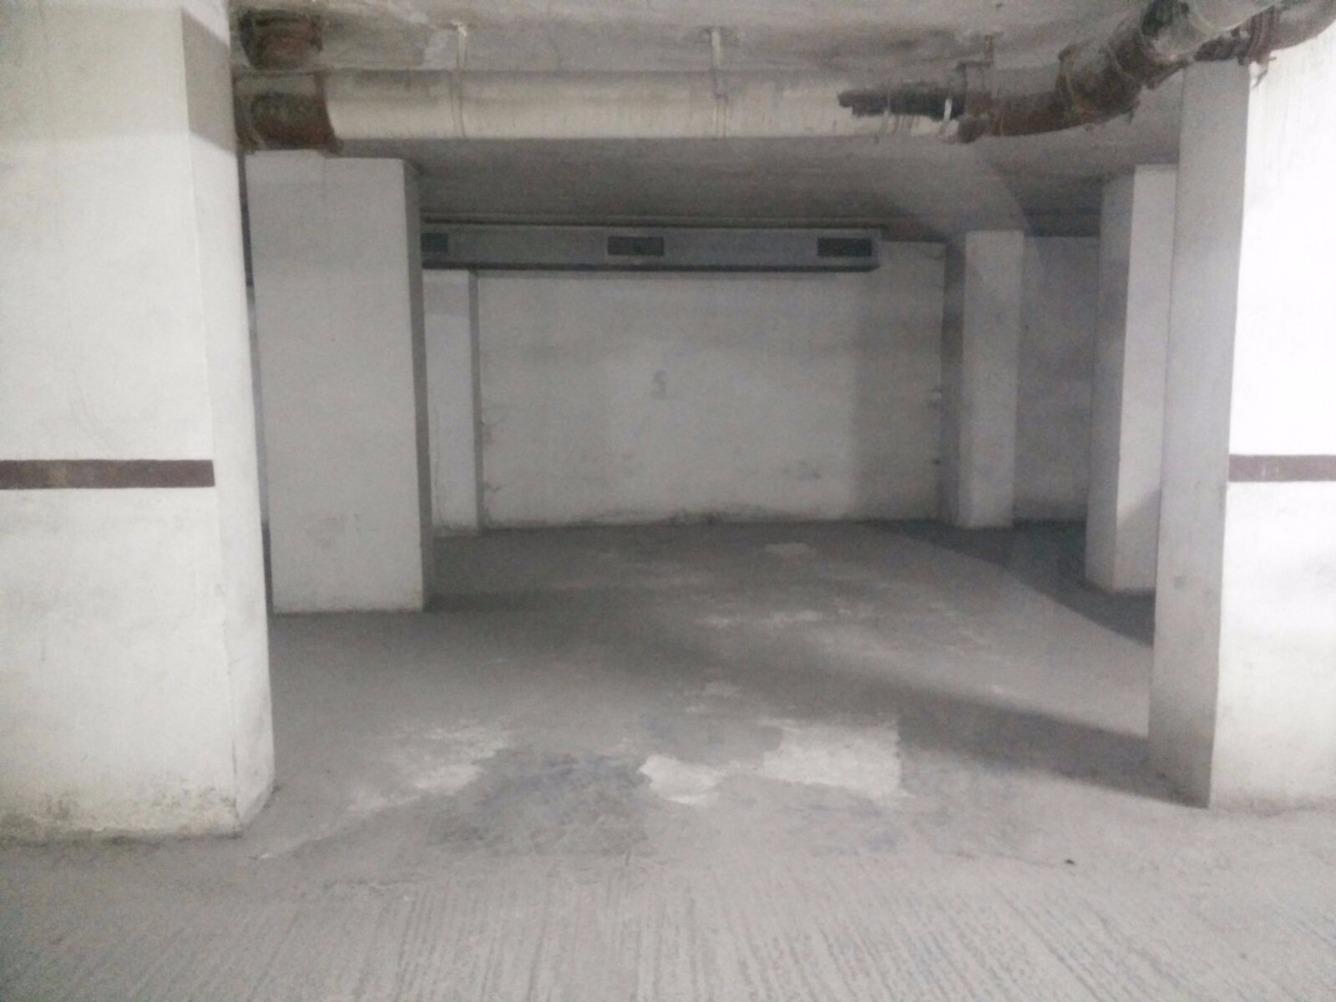 Alquiler Parking coche  Calle san vicente de paul, 127